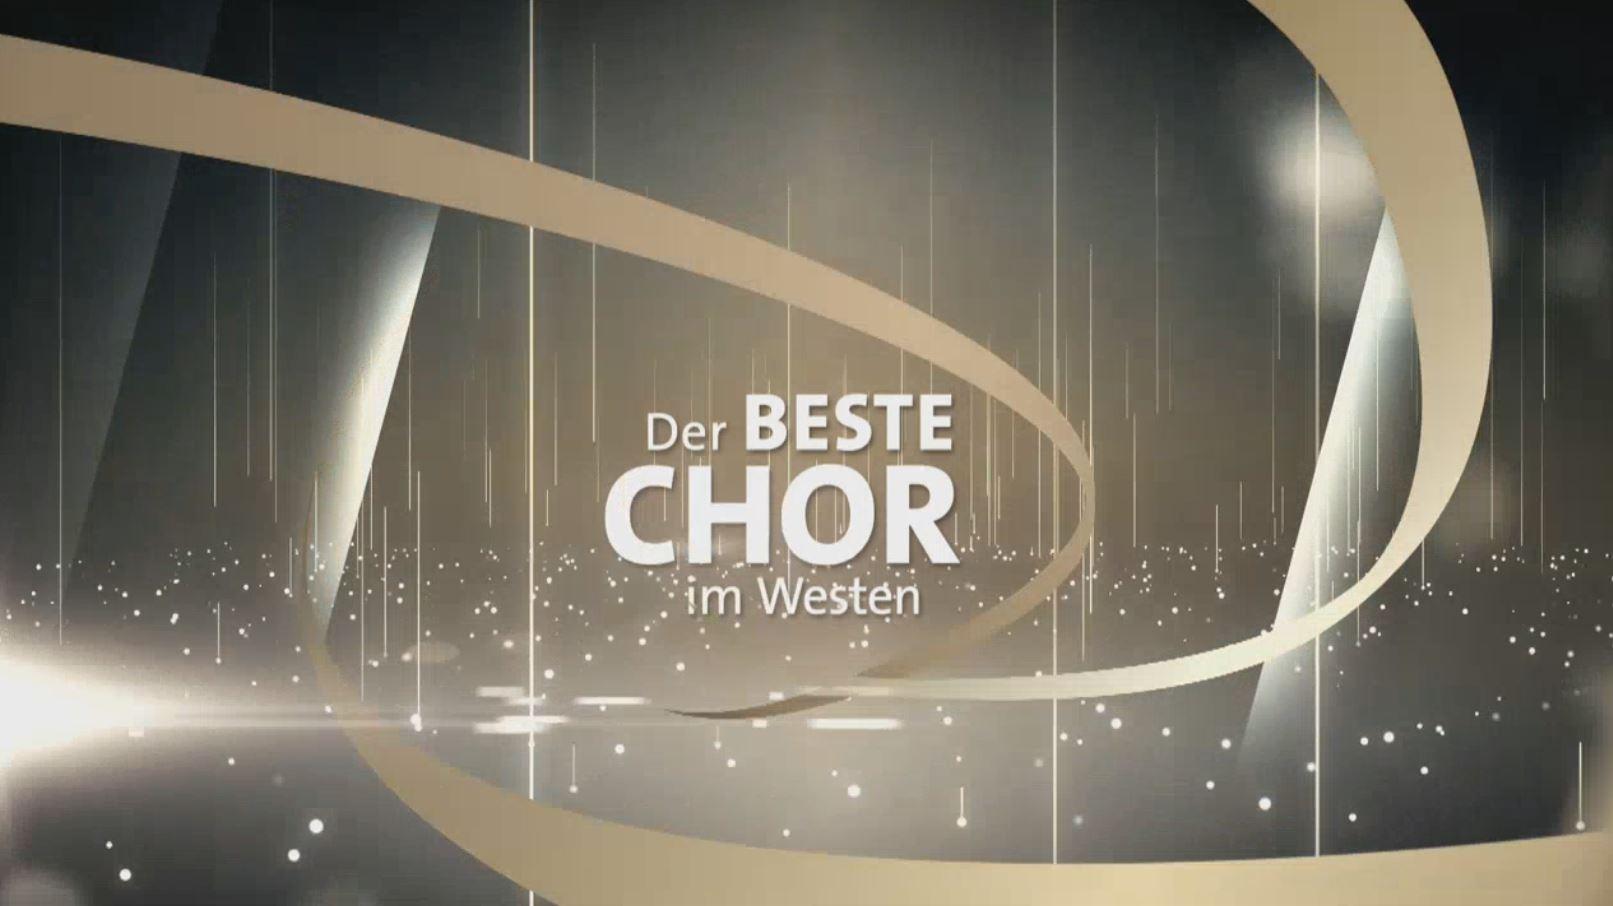 Wdr Mediathek Der Beste Chor Im Westen